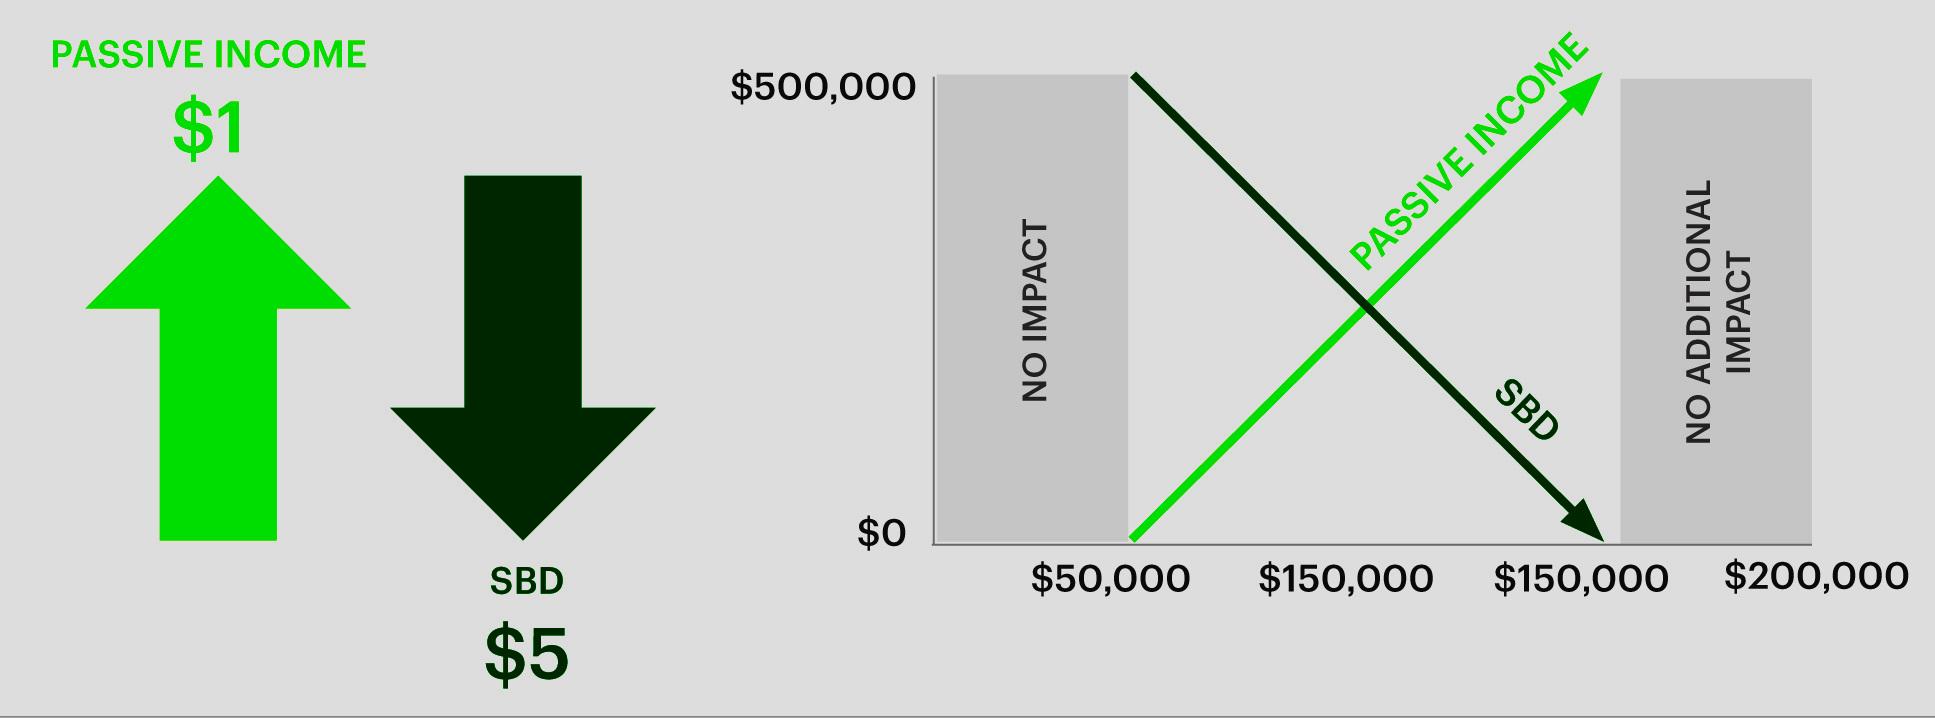 Passive+Income+vs+SBD+starting+2019.jpg